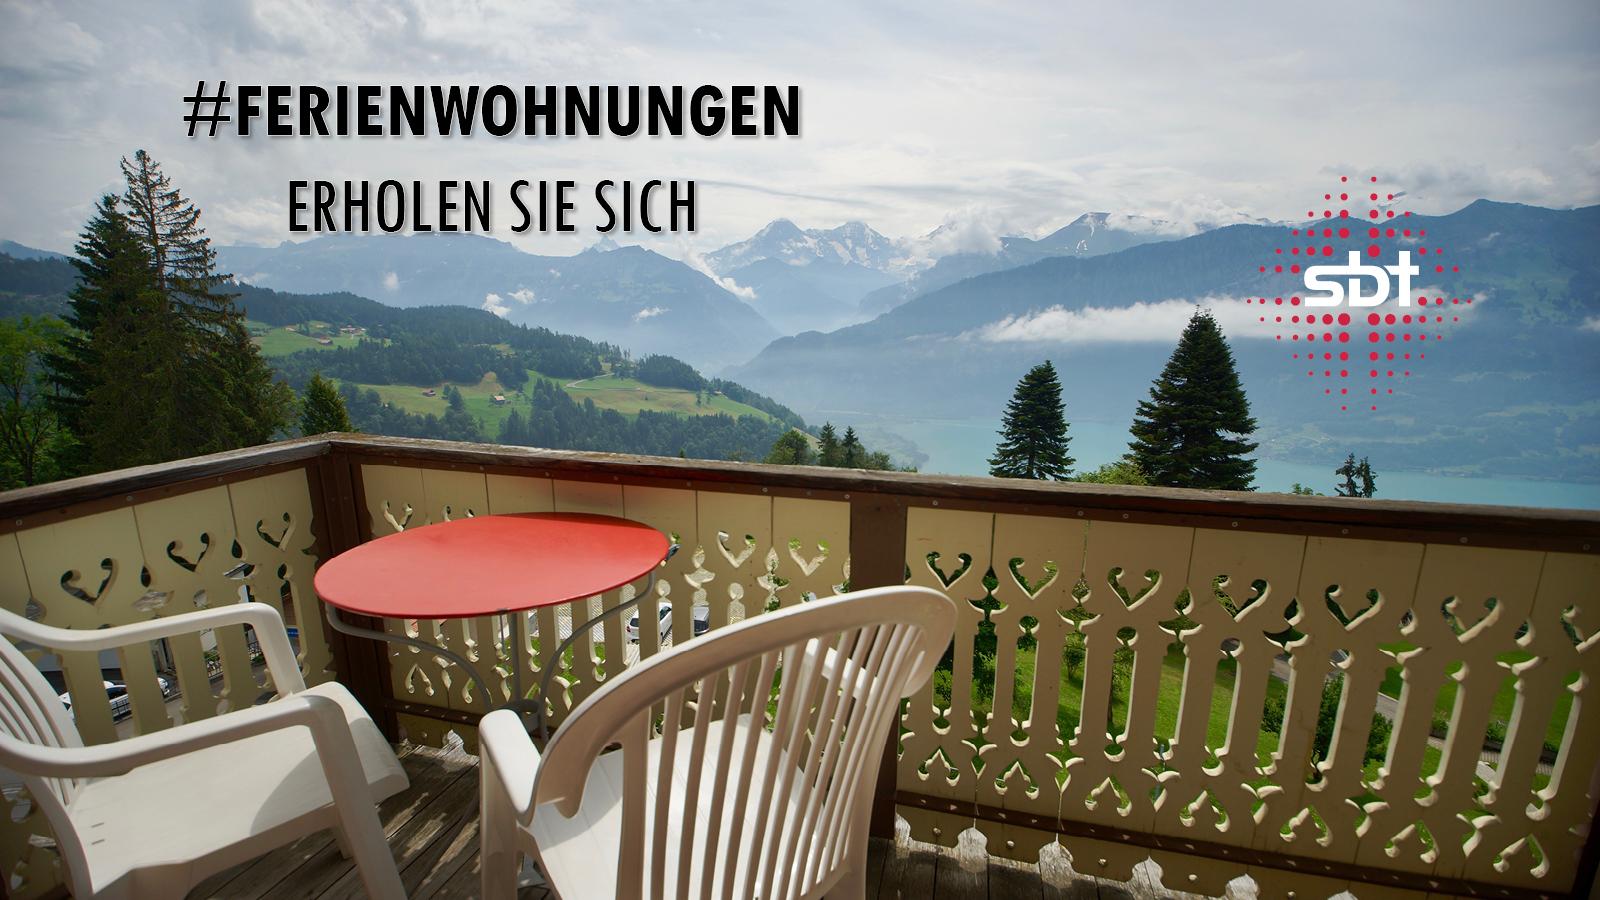 Ferienwohnungen - mit Blick auf Eiger, Mönch und Jungfrau